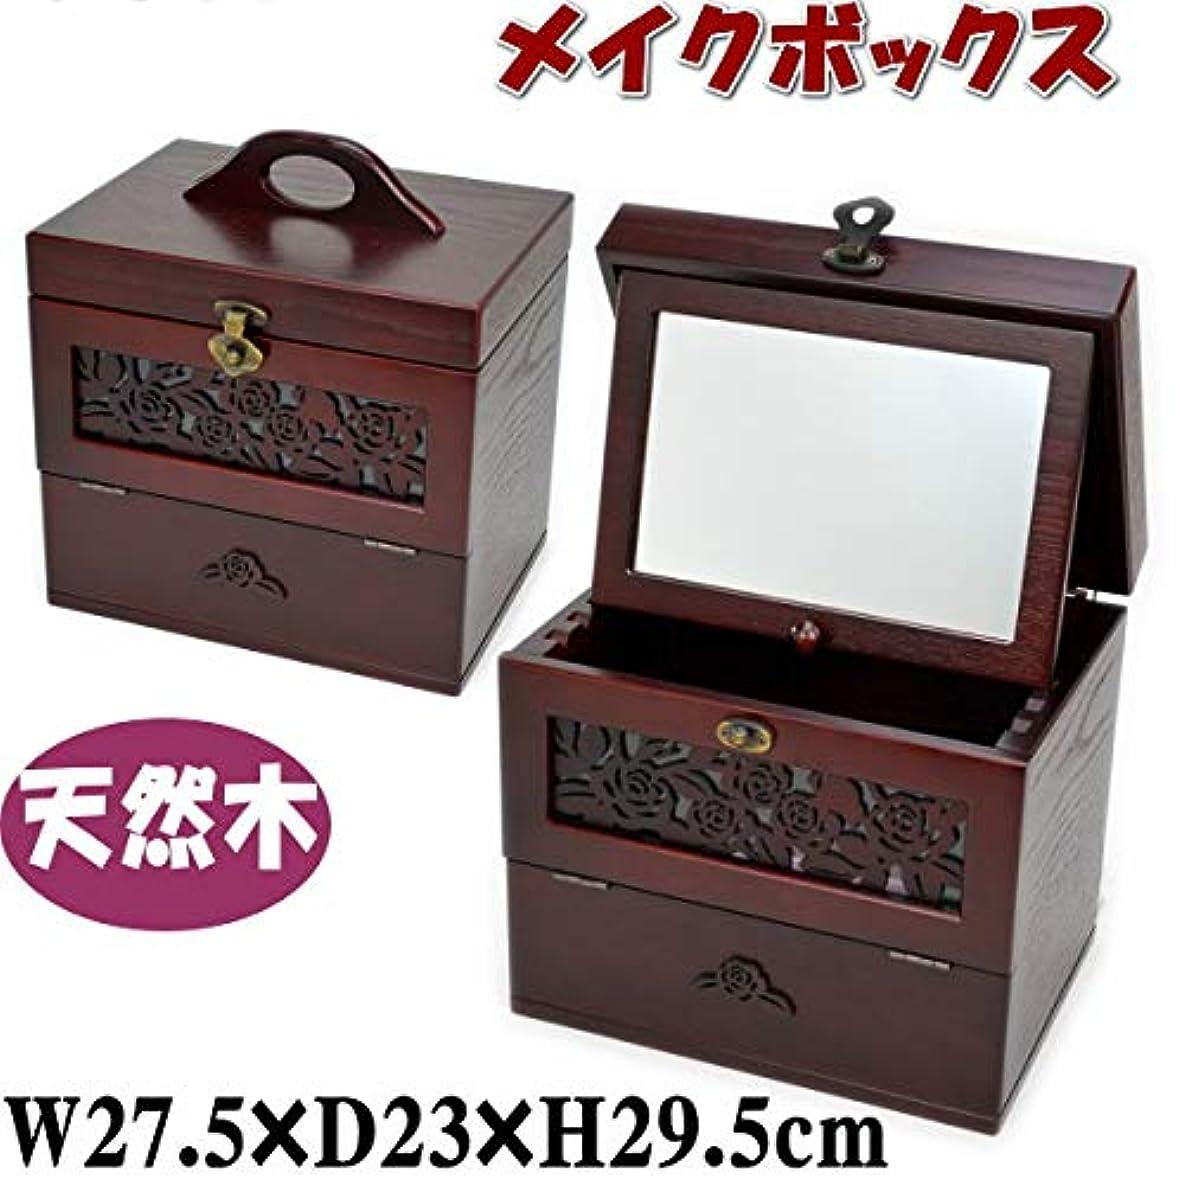 メイクボックス 木製 薔薇 ワイン ブラウン (おしゃれ コスメボックス メークボックス 鏡 収納